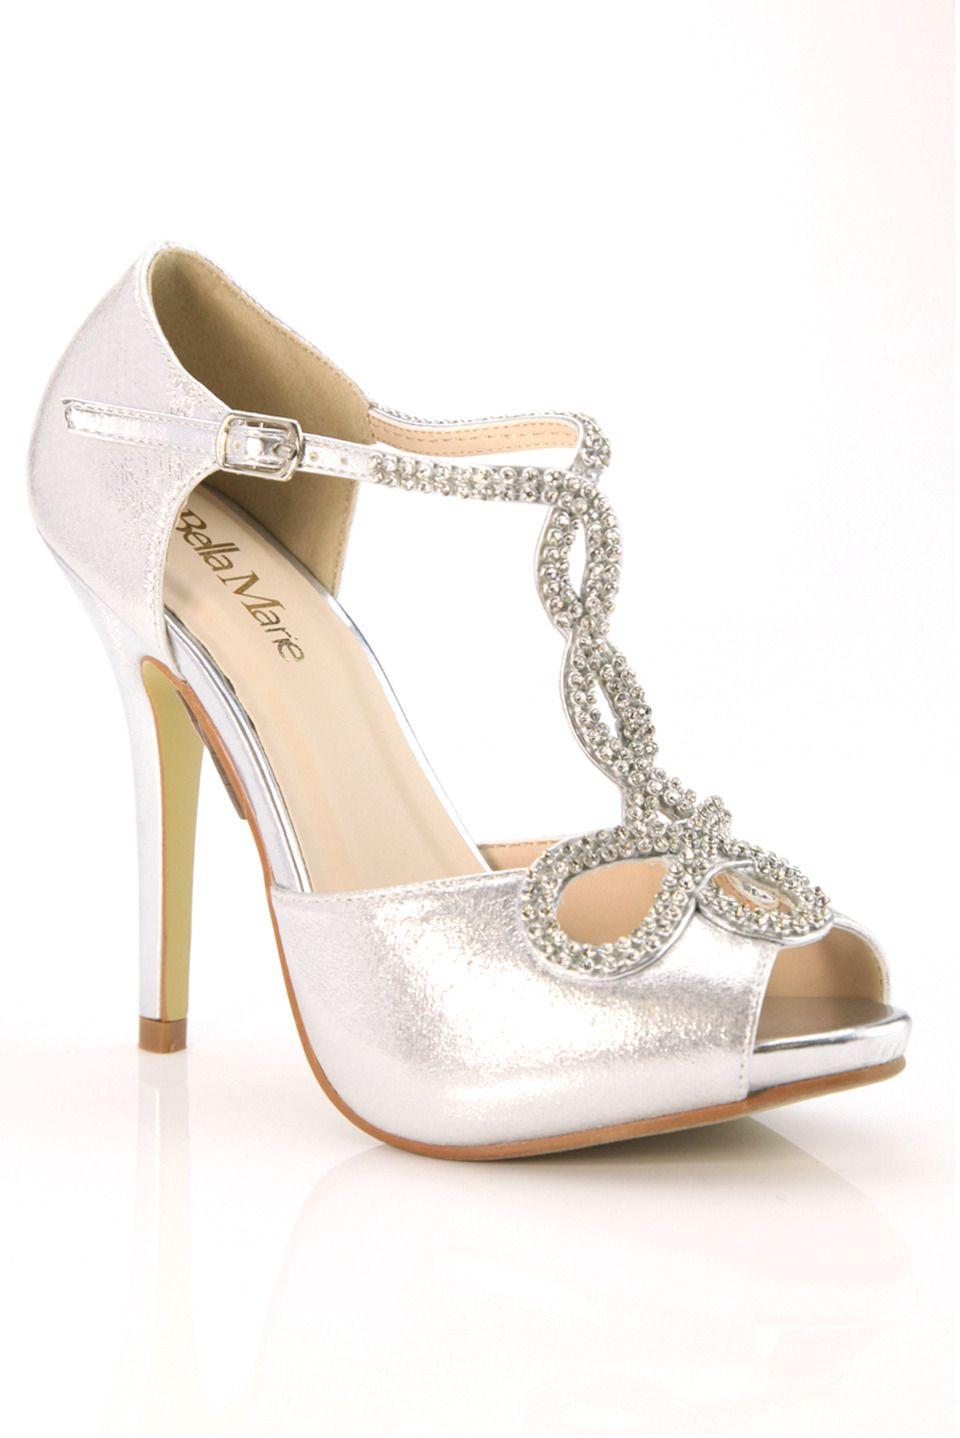 Bella marie soho10 rhinestone chain embellished heel in